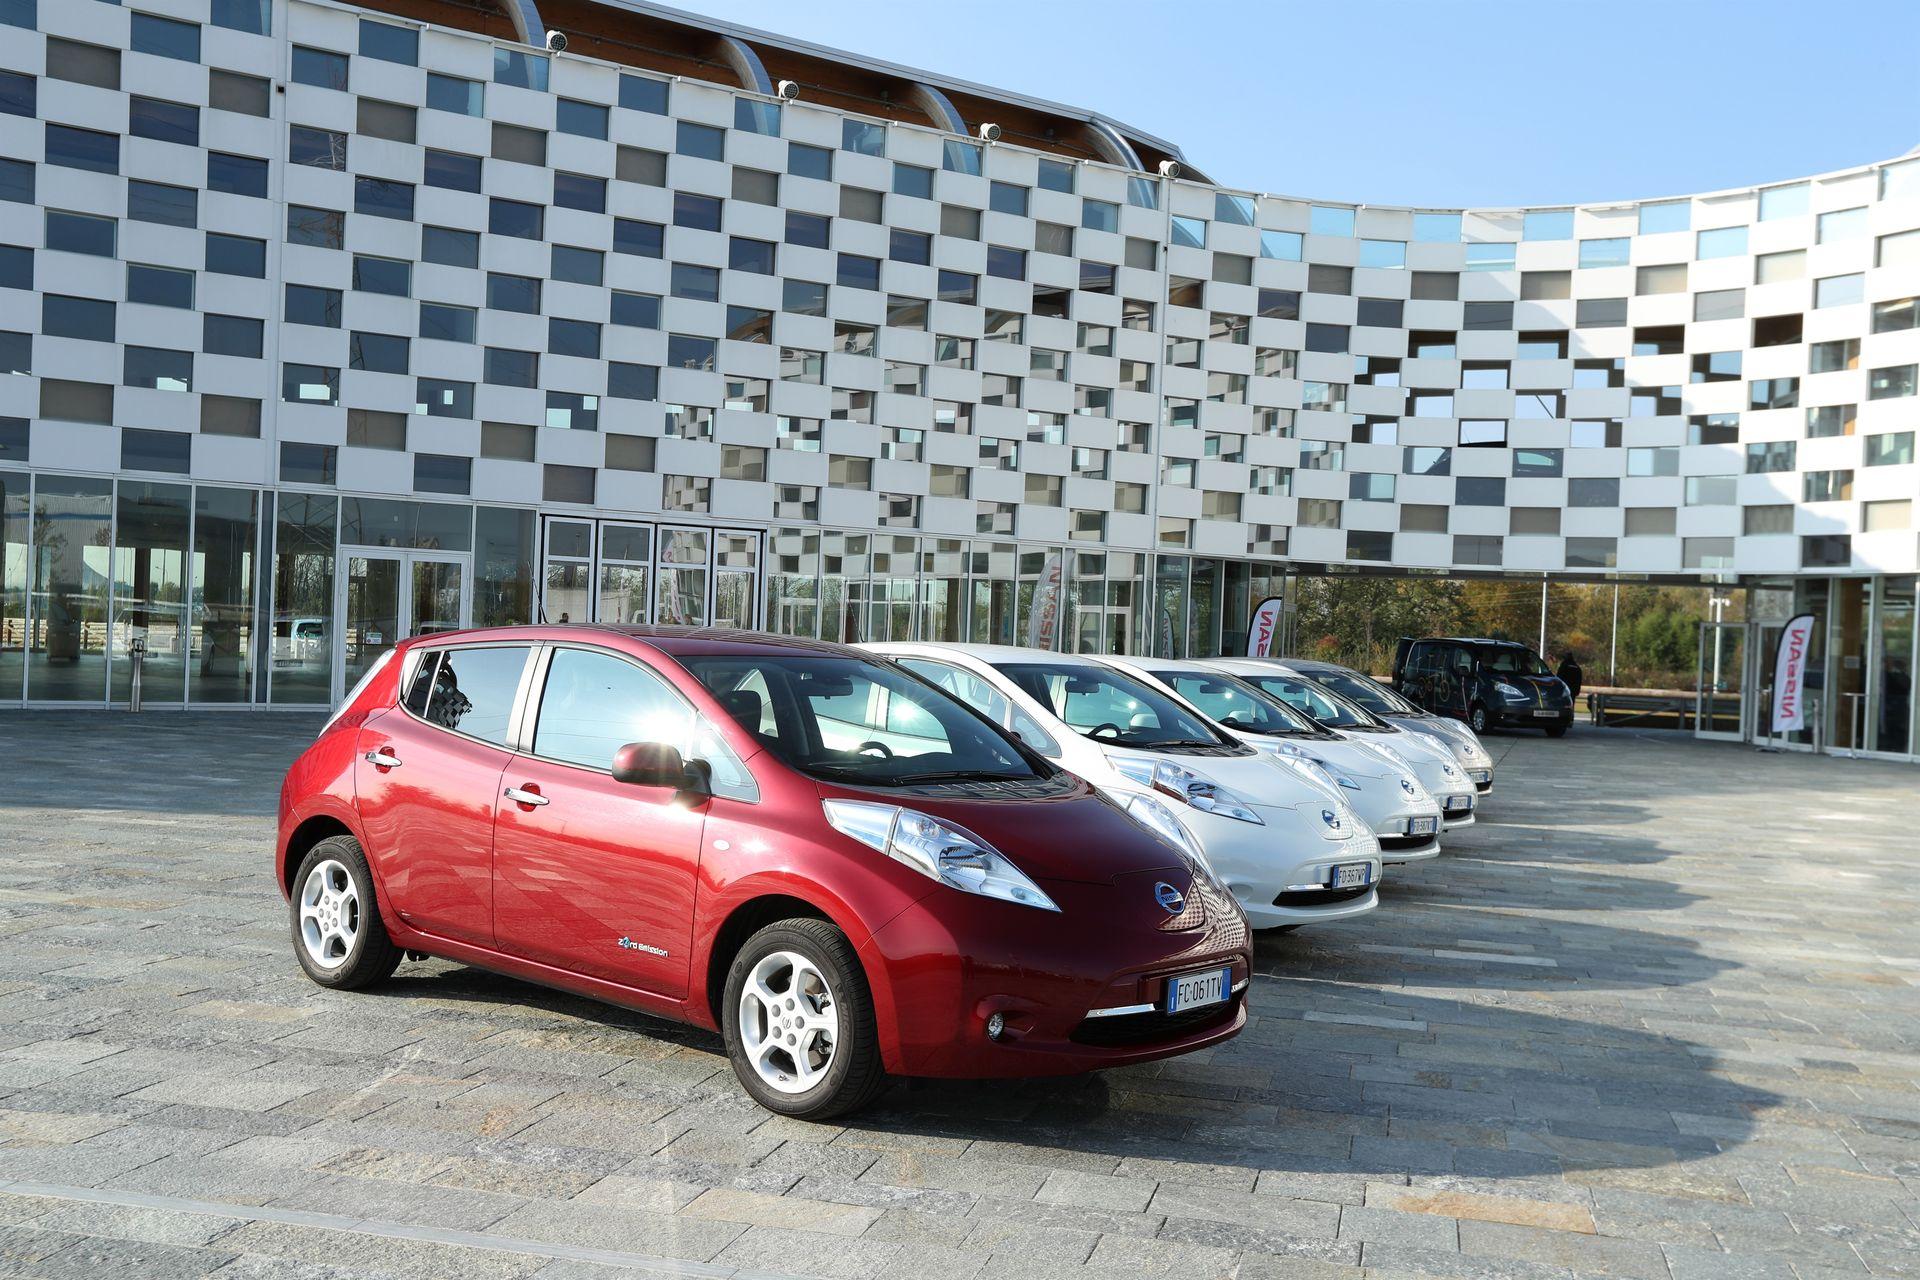 Правительство Франции требует объединить Renault и Nissan в единую компанию